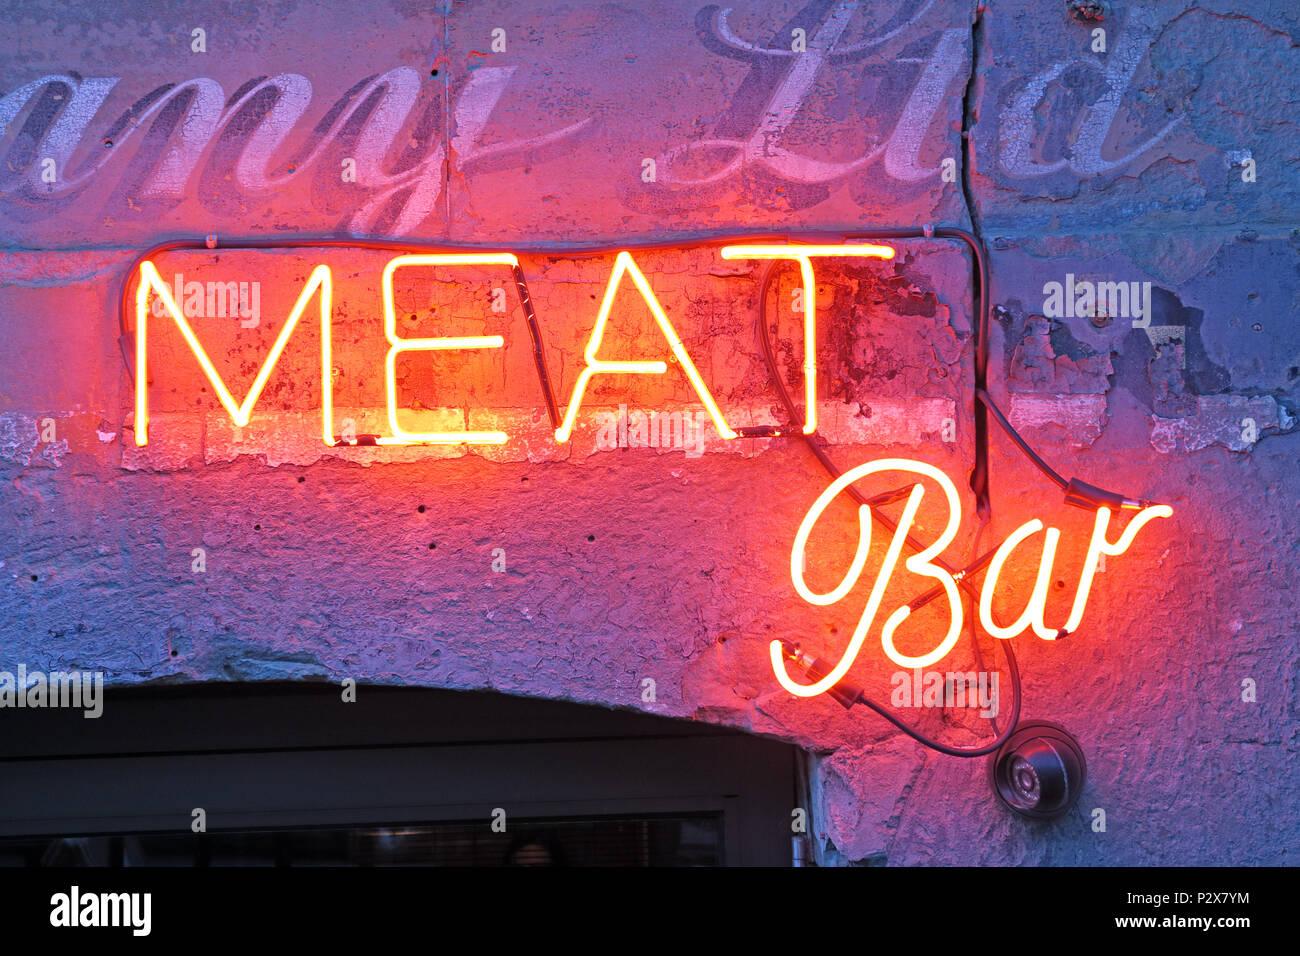 GoTonySmith,@HotpixUK,Meat,West